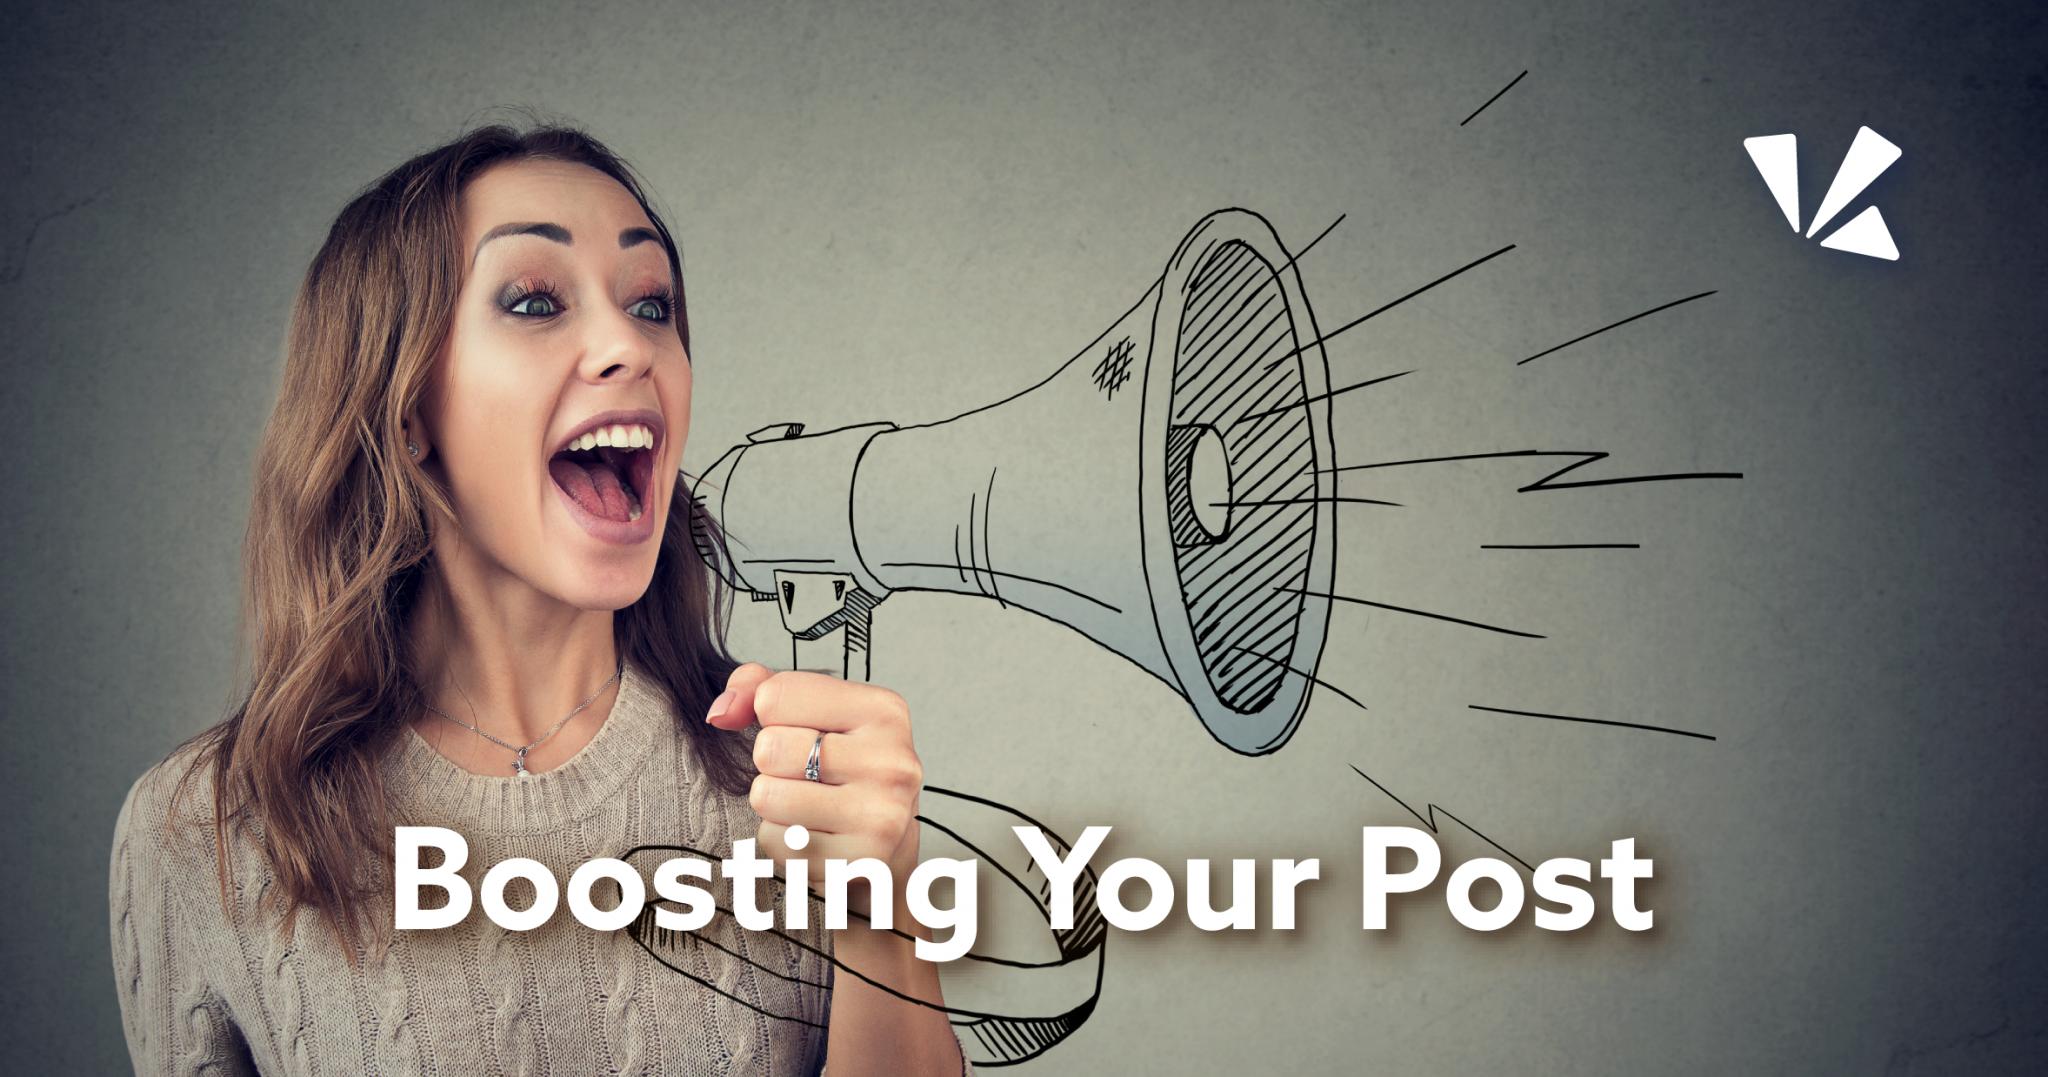 Boosting your post blog header